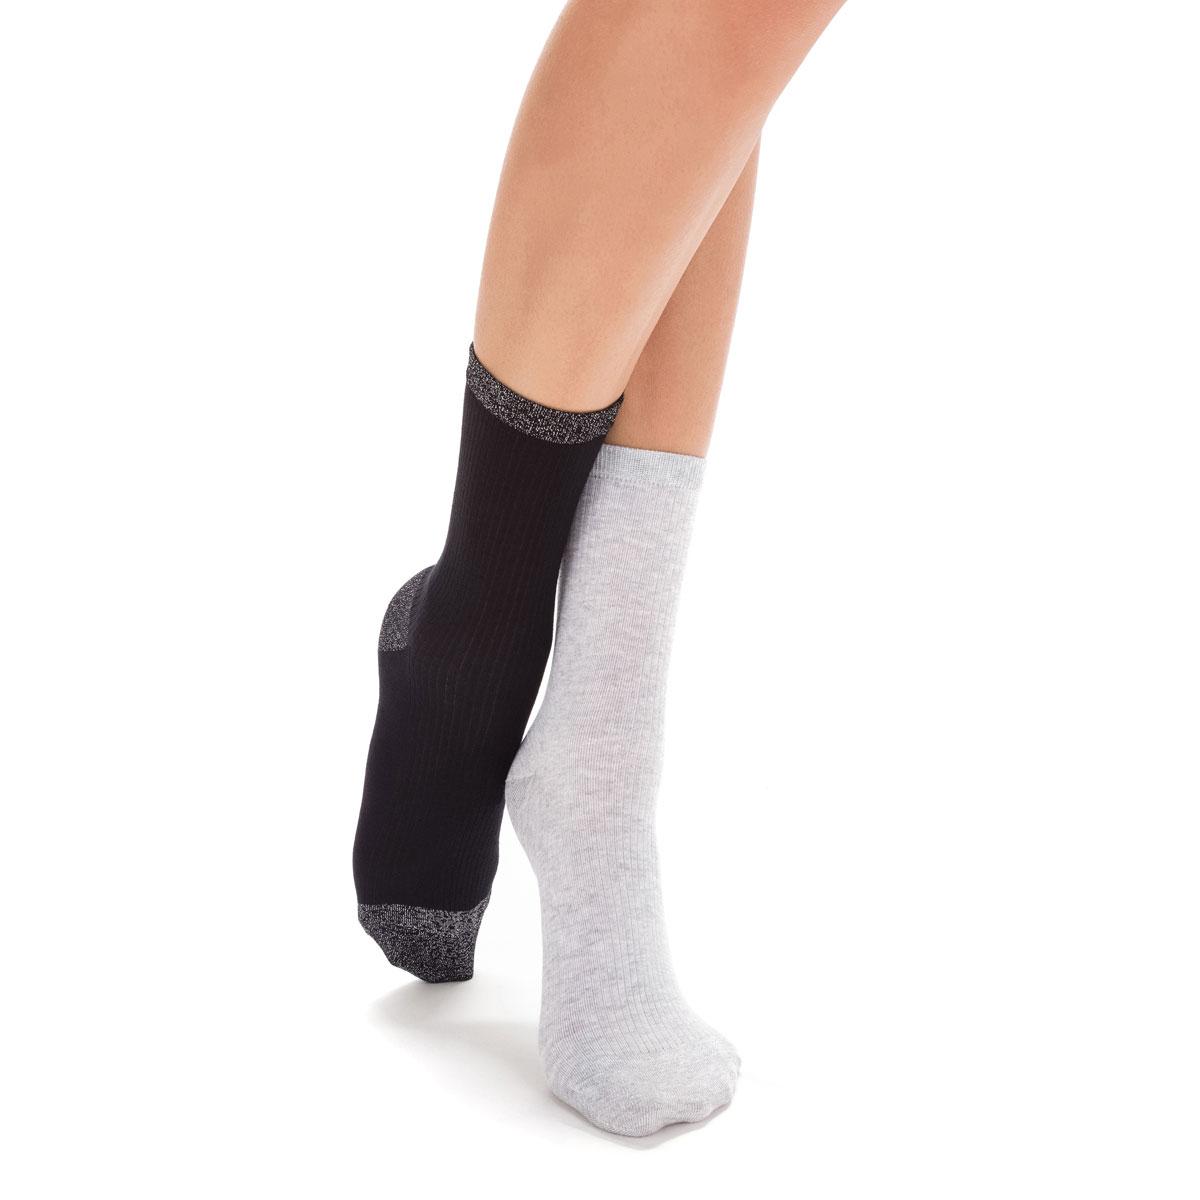 96b45e07a4b Lot de 2 chaussettes grises et noires côtelées Femme